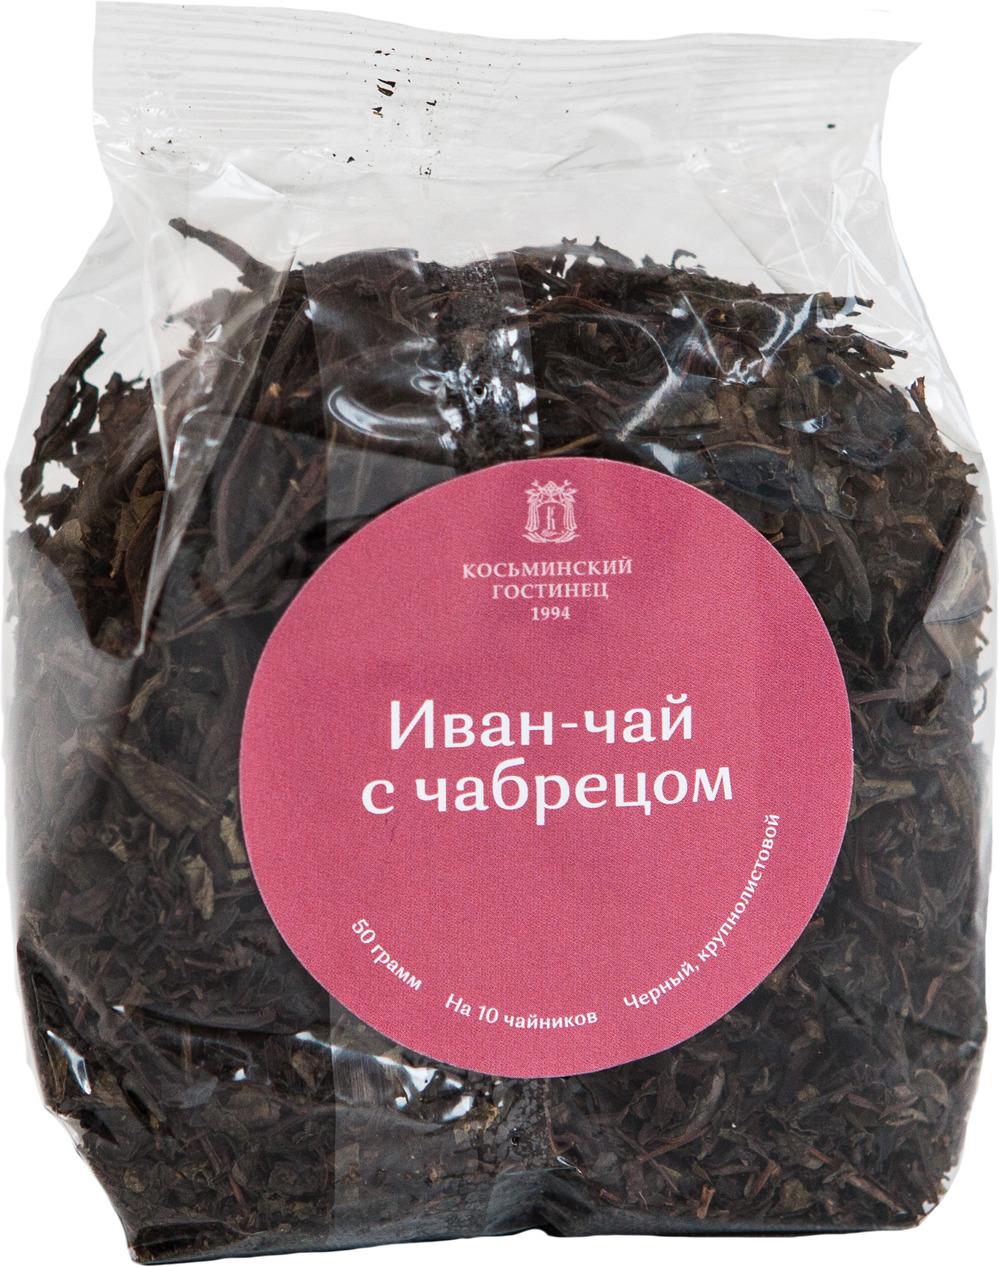 Иван-чай крупнолистовой Косьминский гостинец, с чабрецом, 50 г иван чай крупнолистовой косьминский гостинец с мелиссой 50 г